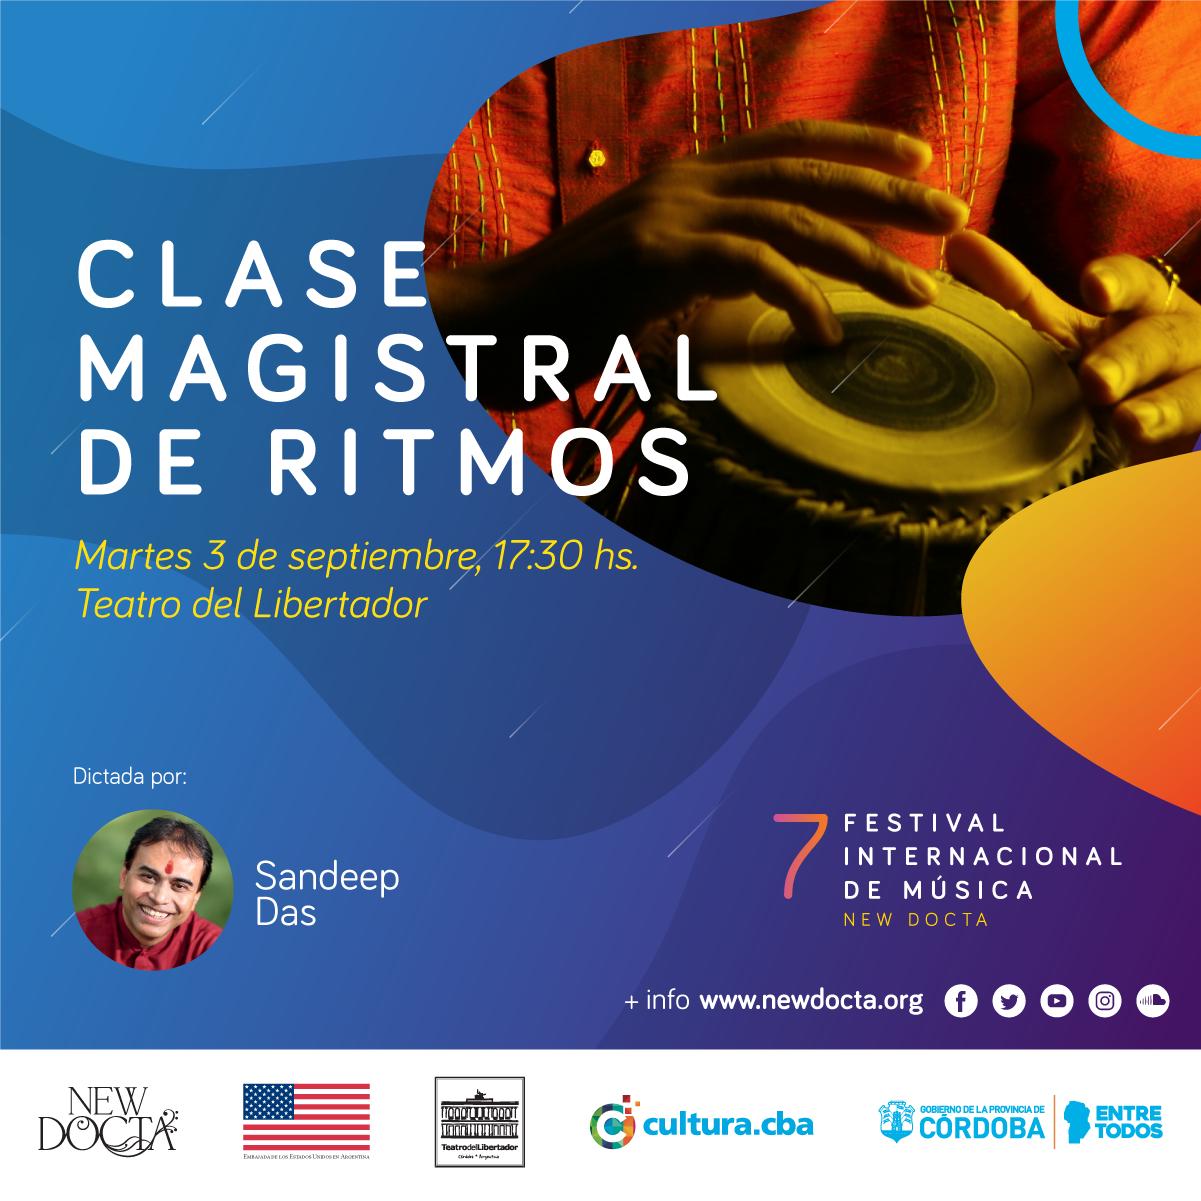 Clase Magistral de Ritmos - Martes 3/9/201917:30 a 18:30Sala Mayor, Teatro del LibertadorVélez Sársfield 365, Córdoba